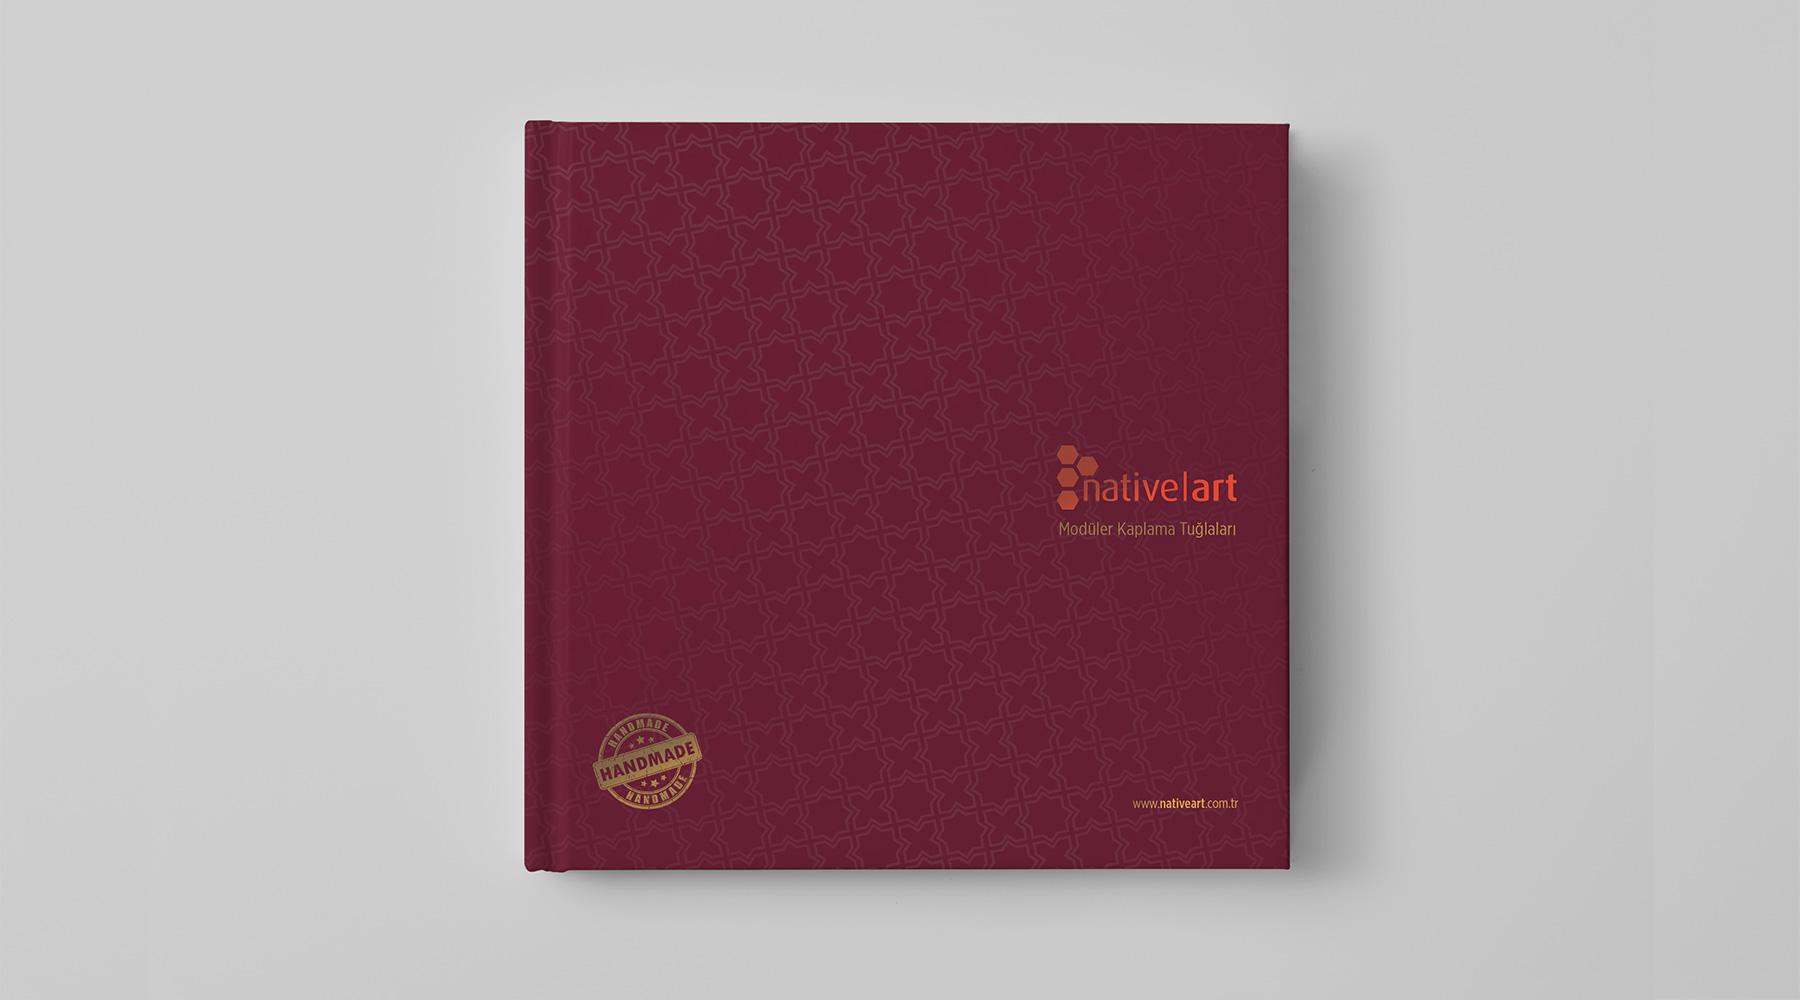 native-art-katalog-kapak